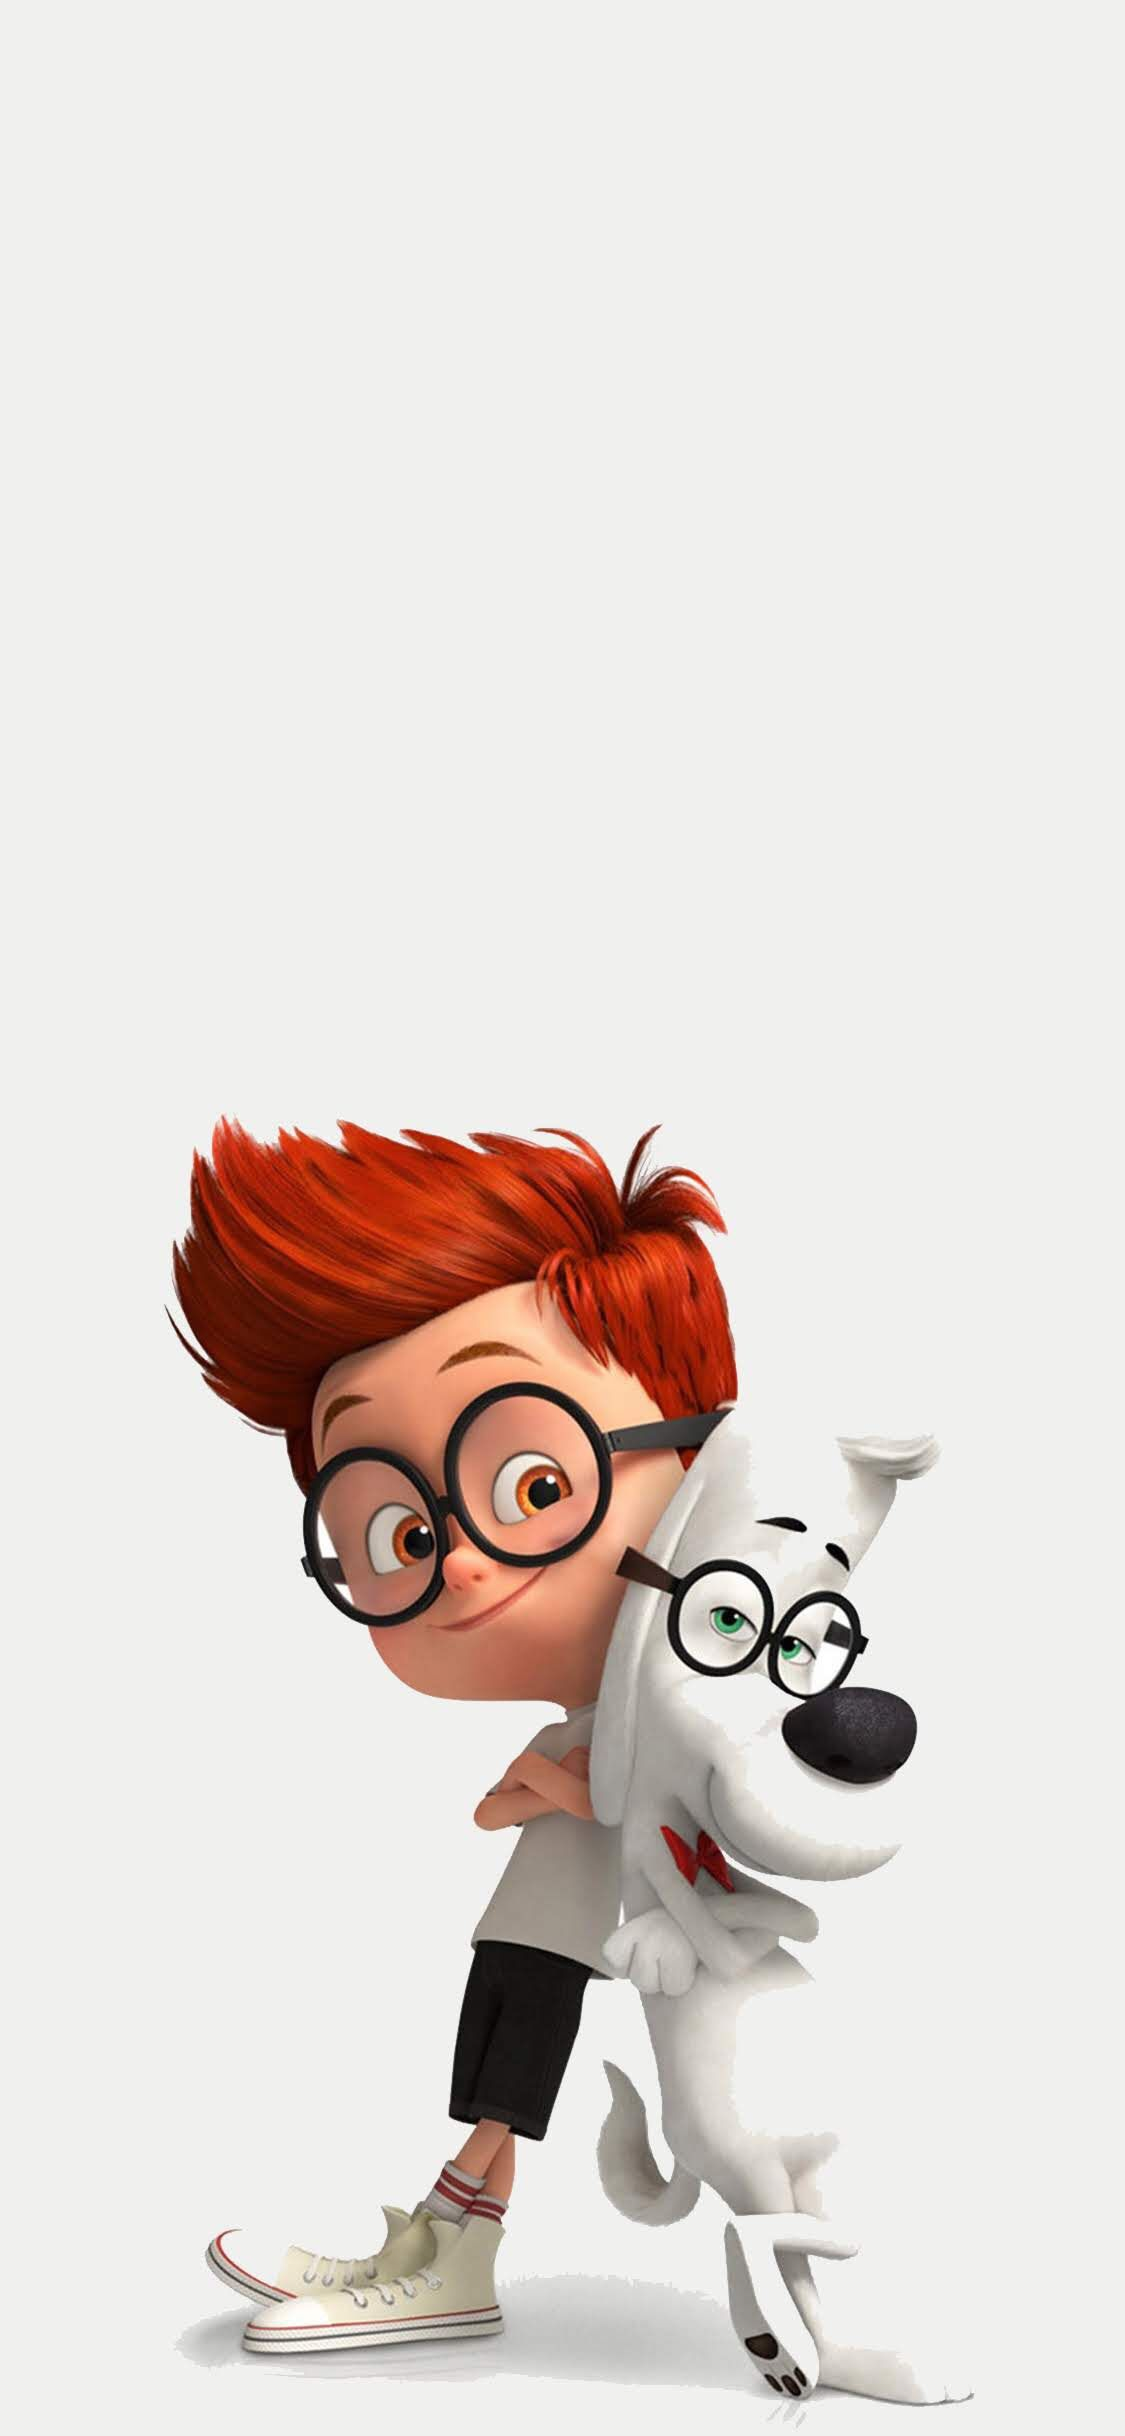 Mr Peabody And Sherman Cute Cartoon Wallpapers Cartoon